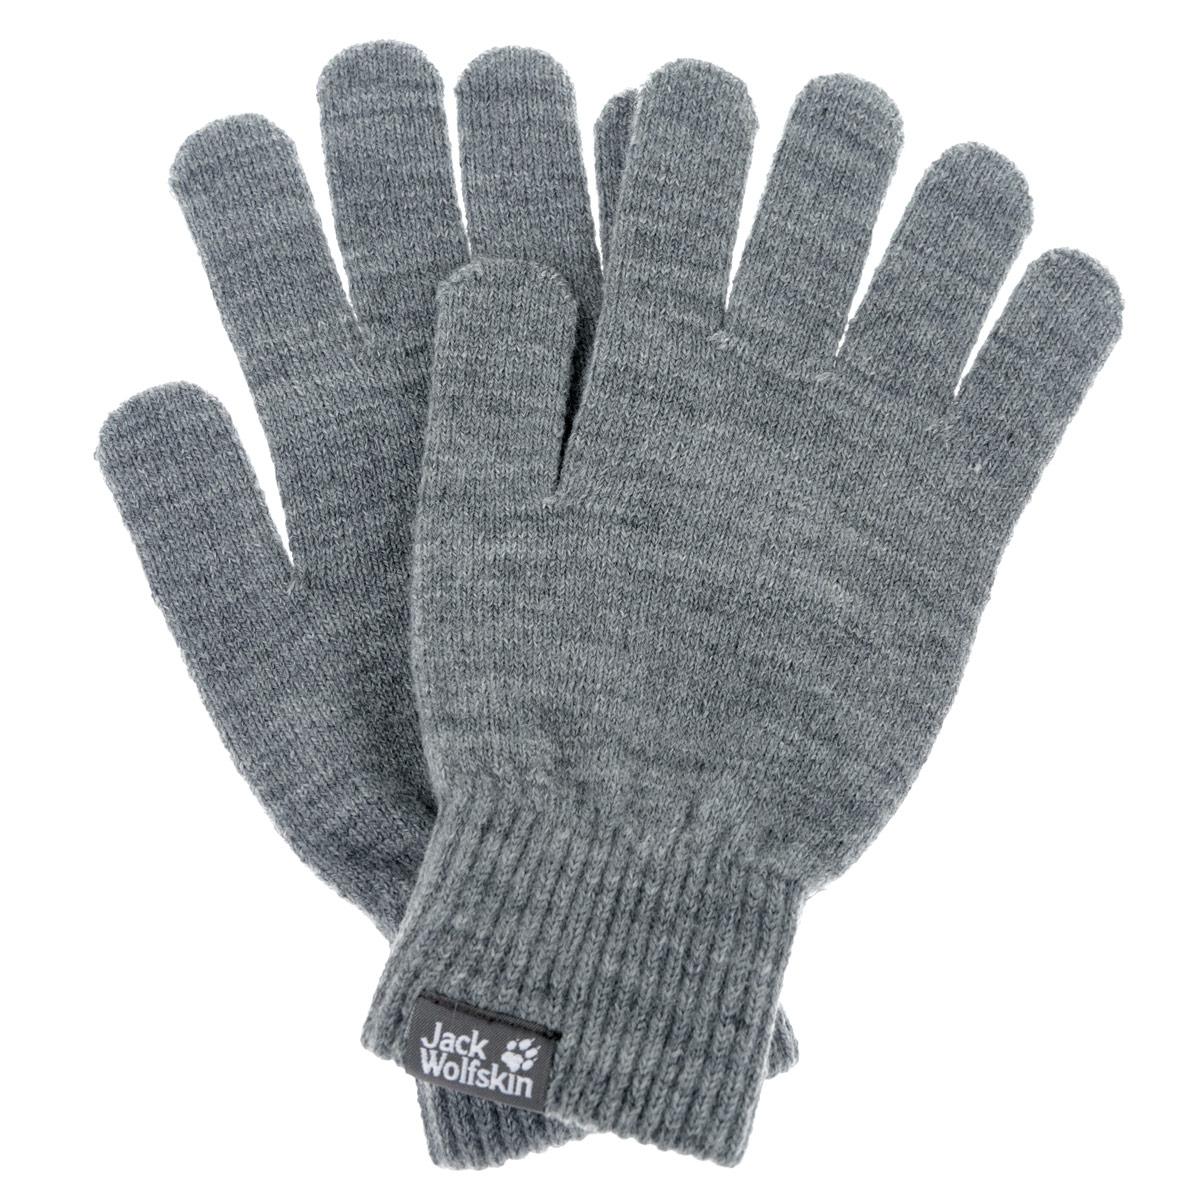 Перчатки женские Rib Glove1903741-1010Женские перчатки Jack Wolfskin Rib Glove предназначены для занятий активными видами спорта и для носки в городе в холодную погоду. Изделие выполнено из трикотажа тонкой вязки, запястья дополнены эластичного резинкой для наилучшего прилегания и защиты от продувания. Такие перчатки обеспечат комфорт и сохранение тепла.